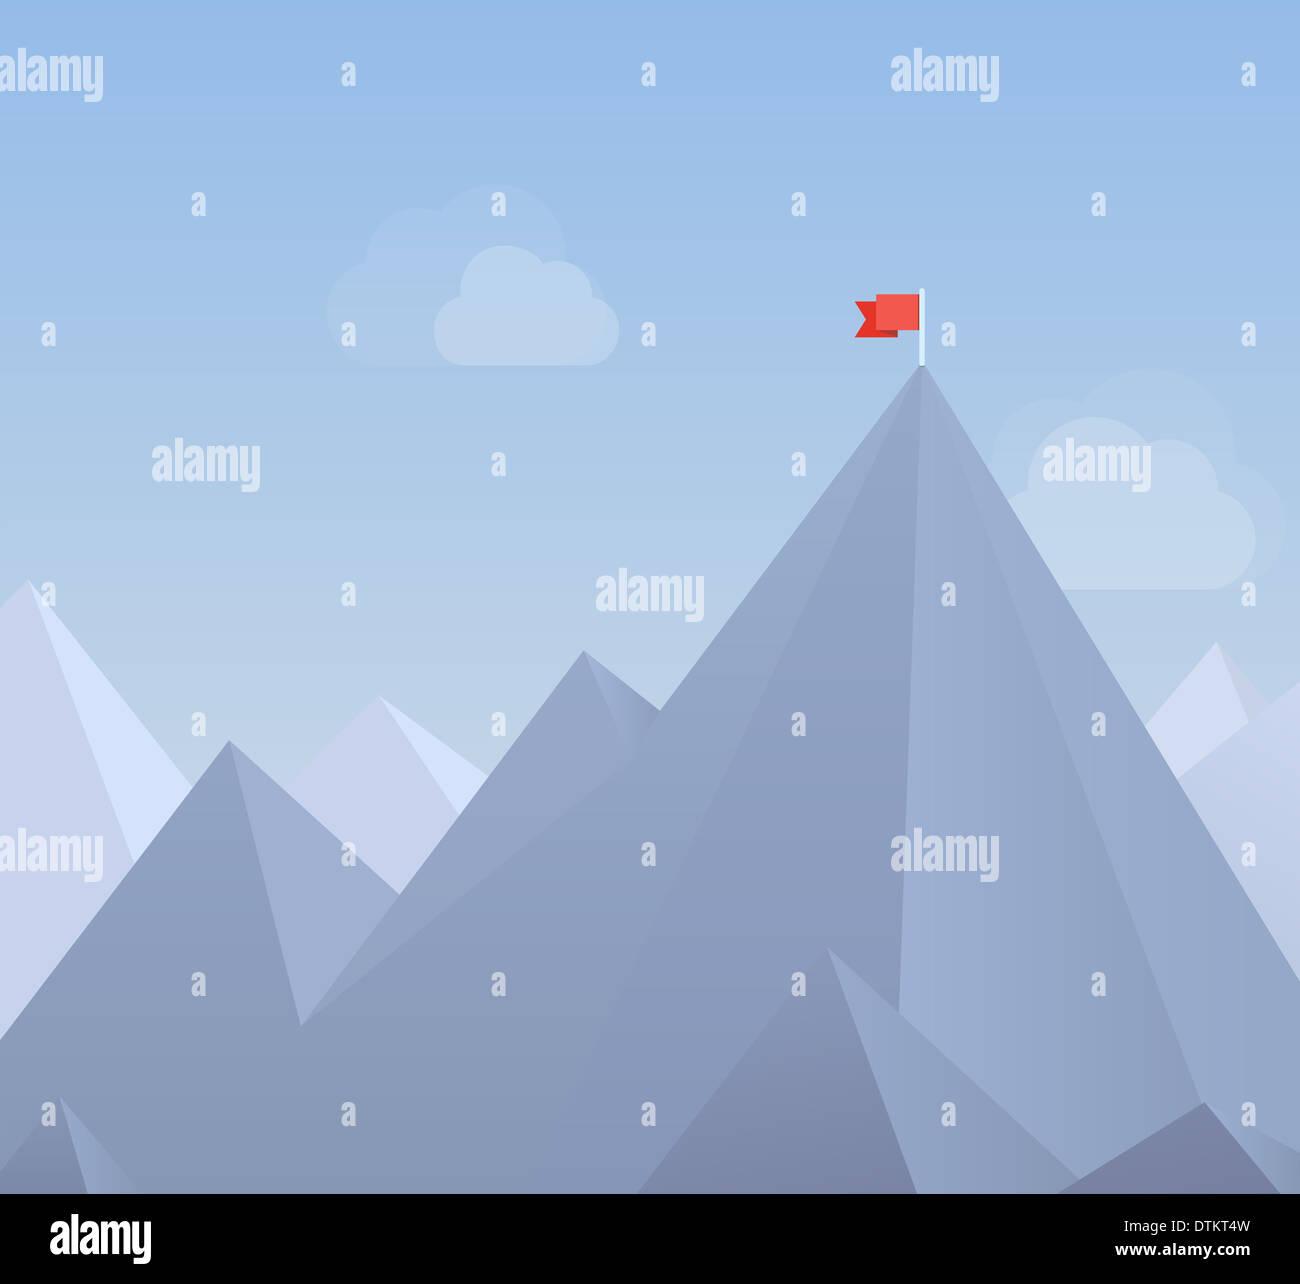 Flaches Design moderne Illustration Konzept der Flagge auf dem Berggipfel, was bedeutet die Überwindung von Schwierigkeiten und Ziele erreichen Stockbild